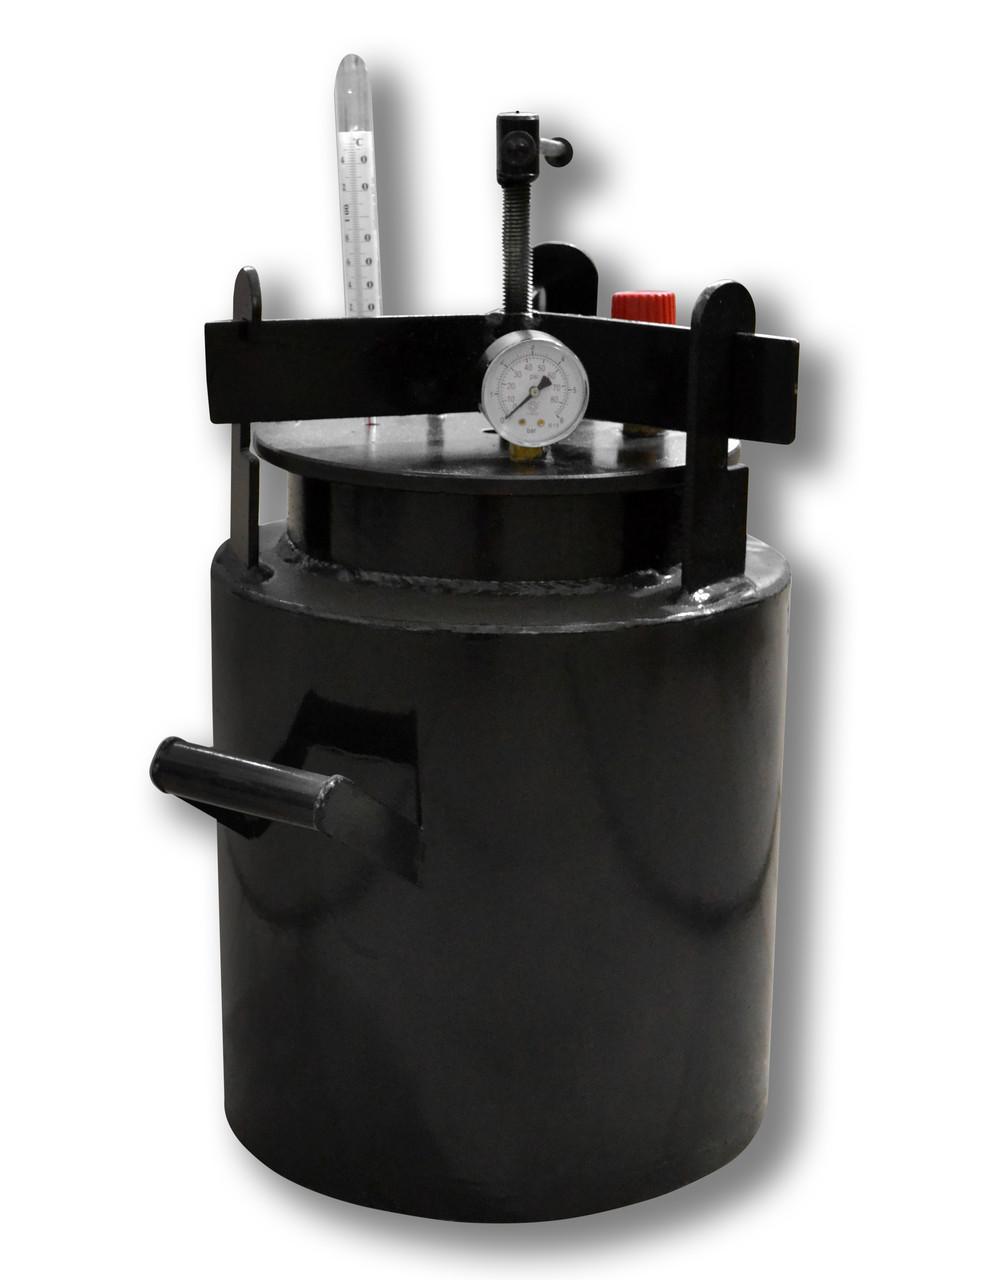 Недорогой автоклав бытовой Че16 (черная сталь / 16 банок 0,5)